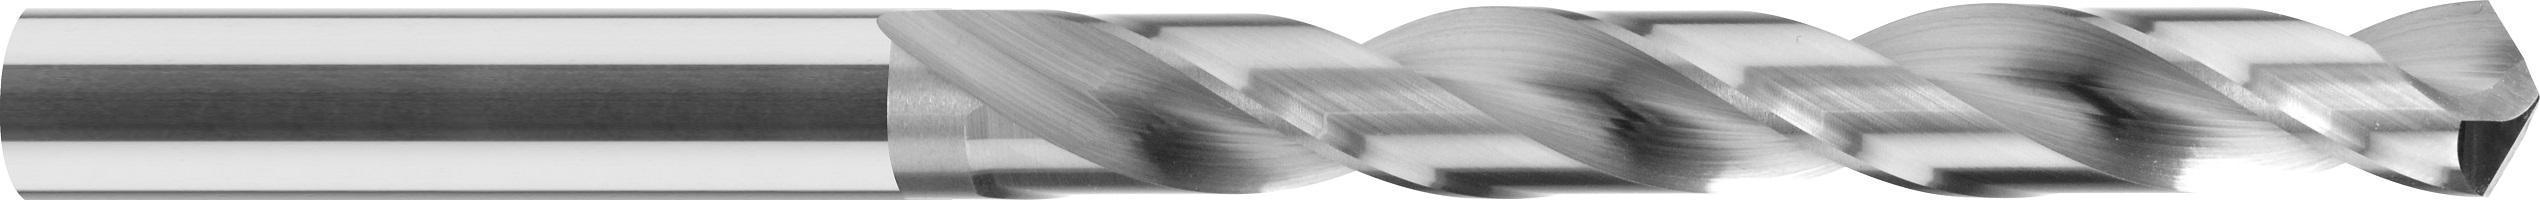 Wiertło kręte krótkie, uniwersalne, VHM bez pokrycia (111)